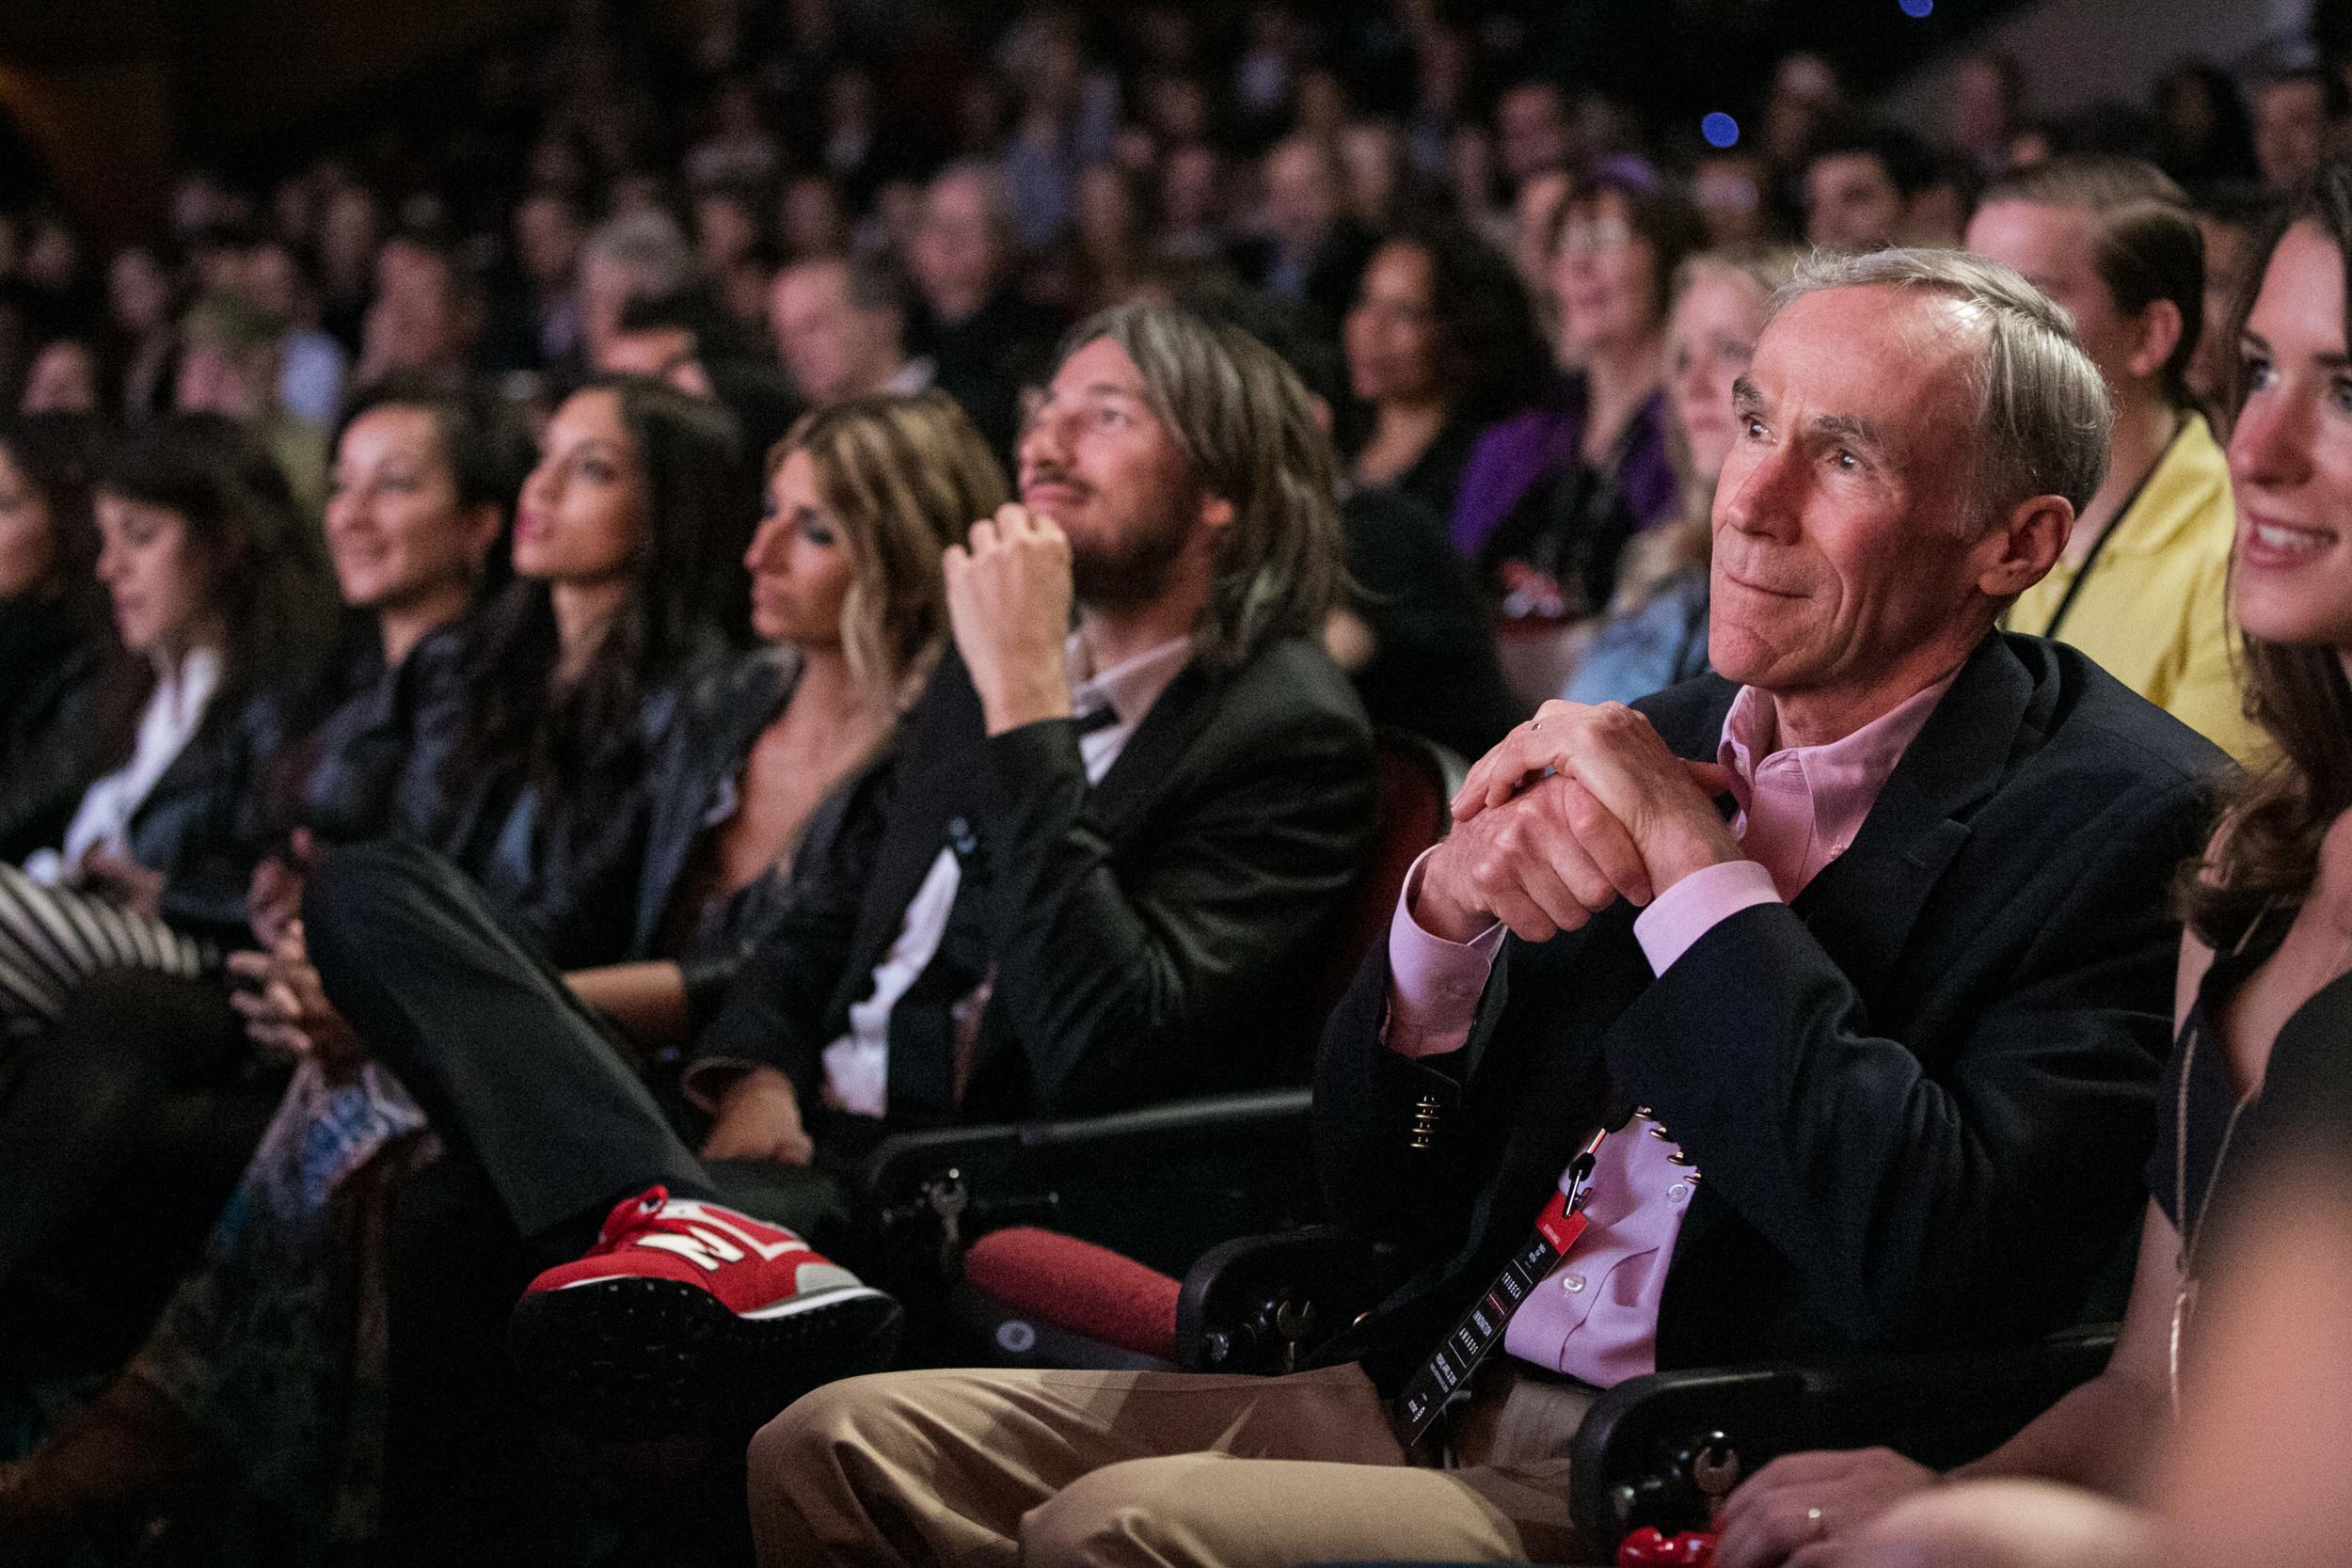 20160422-Tribeca Disruptive Innovation Awards-0554.jpg